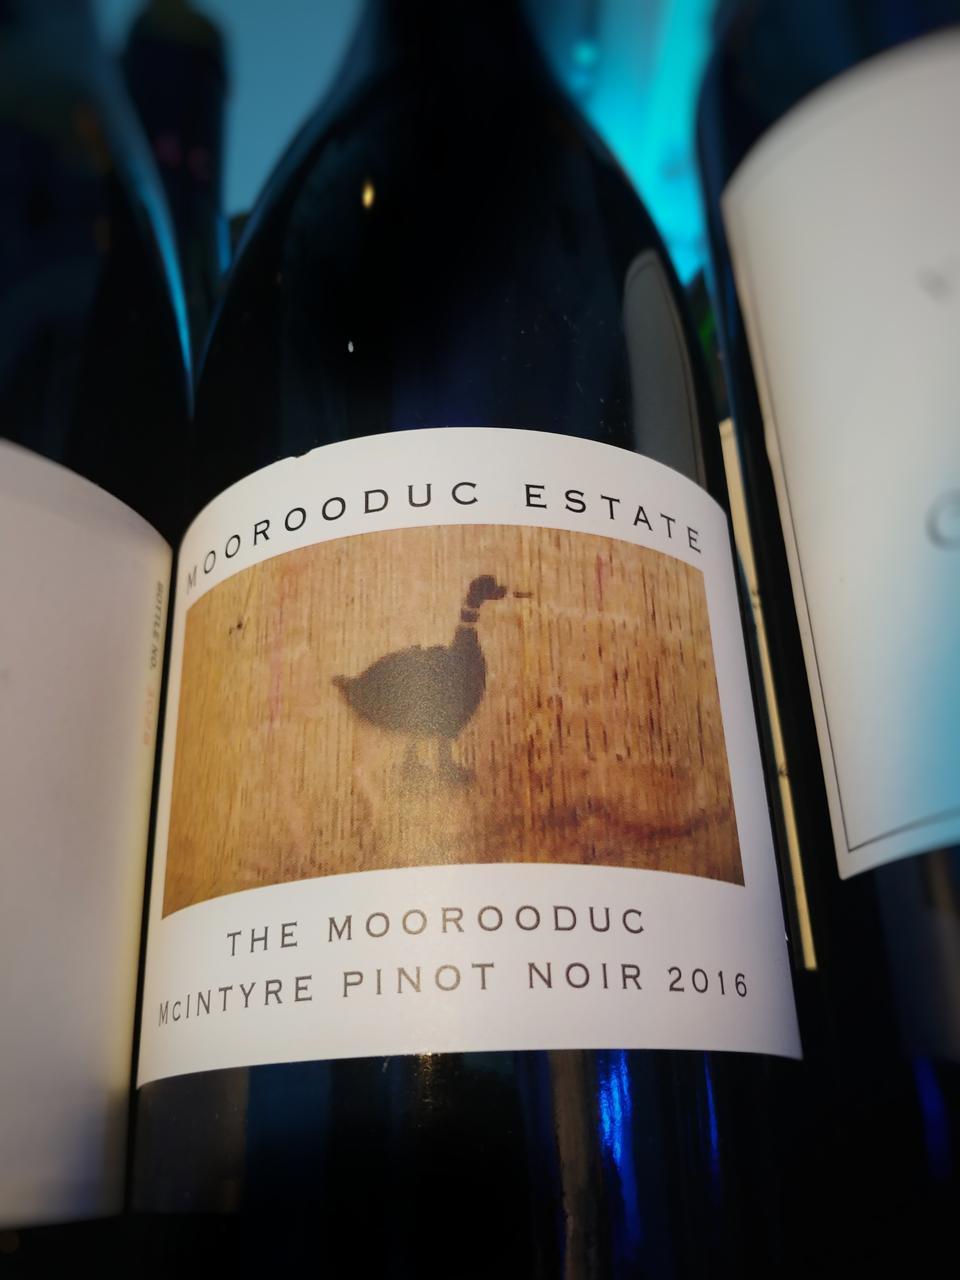 2016 Moorooduc Estate 'Макинтайр Виноградник' Пино Нуар, полуостров Морнингтон